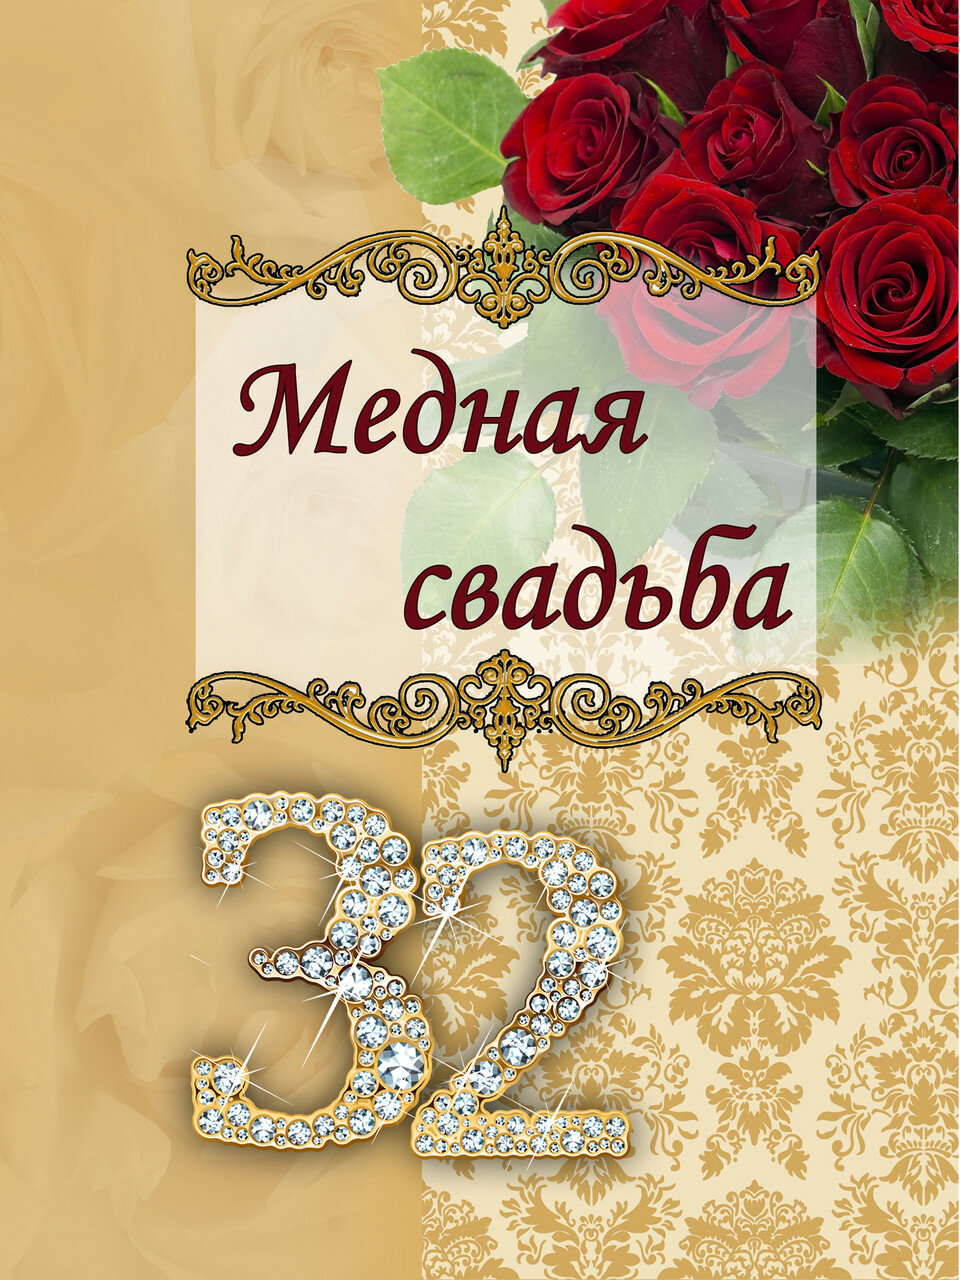 масках пожелания на медную свадьбу 32 года эти формулы